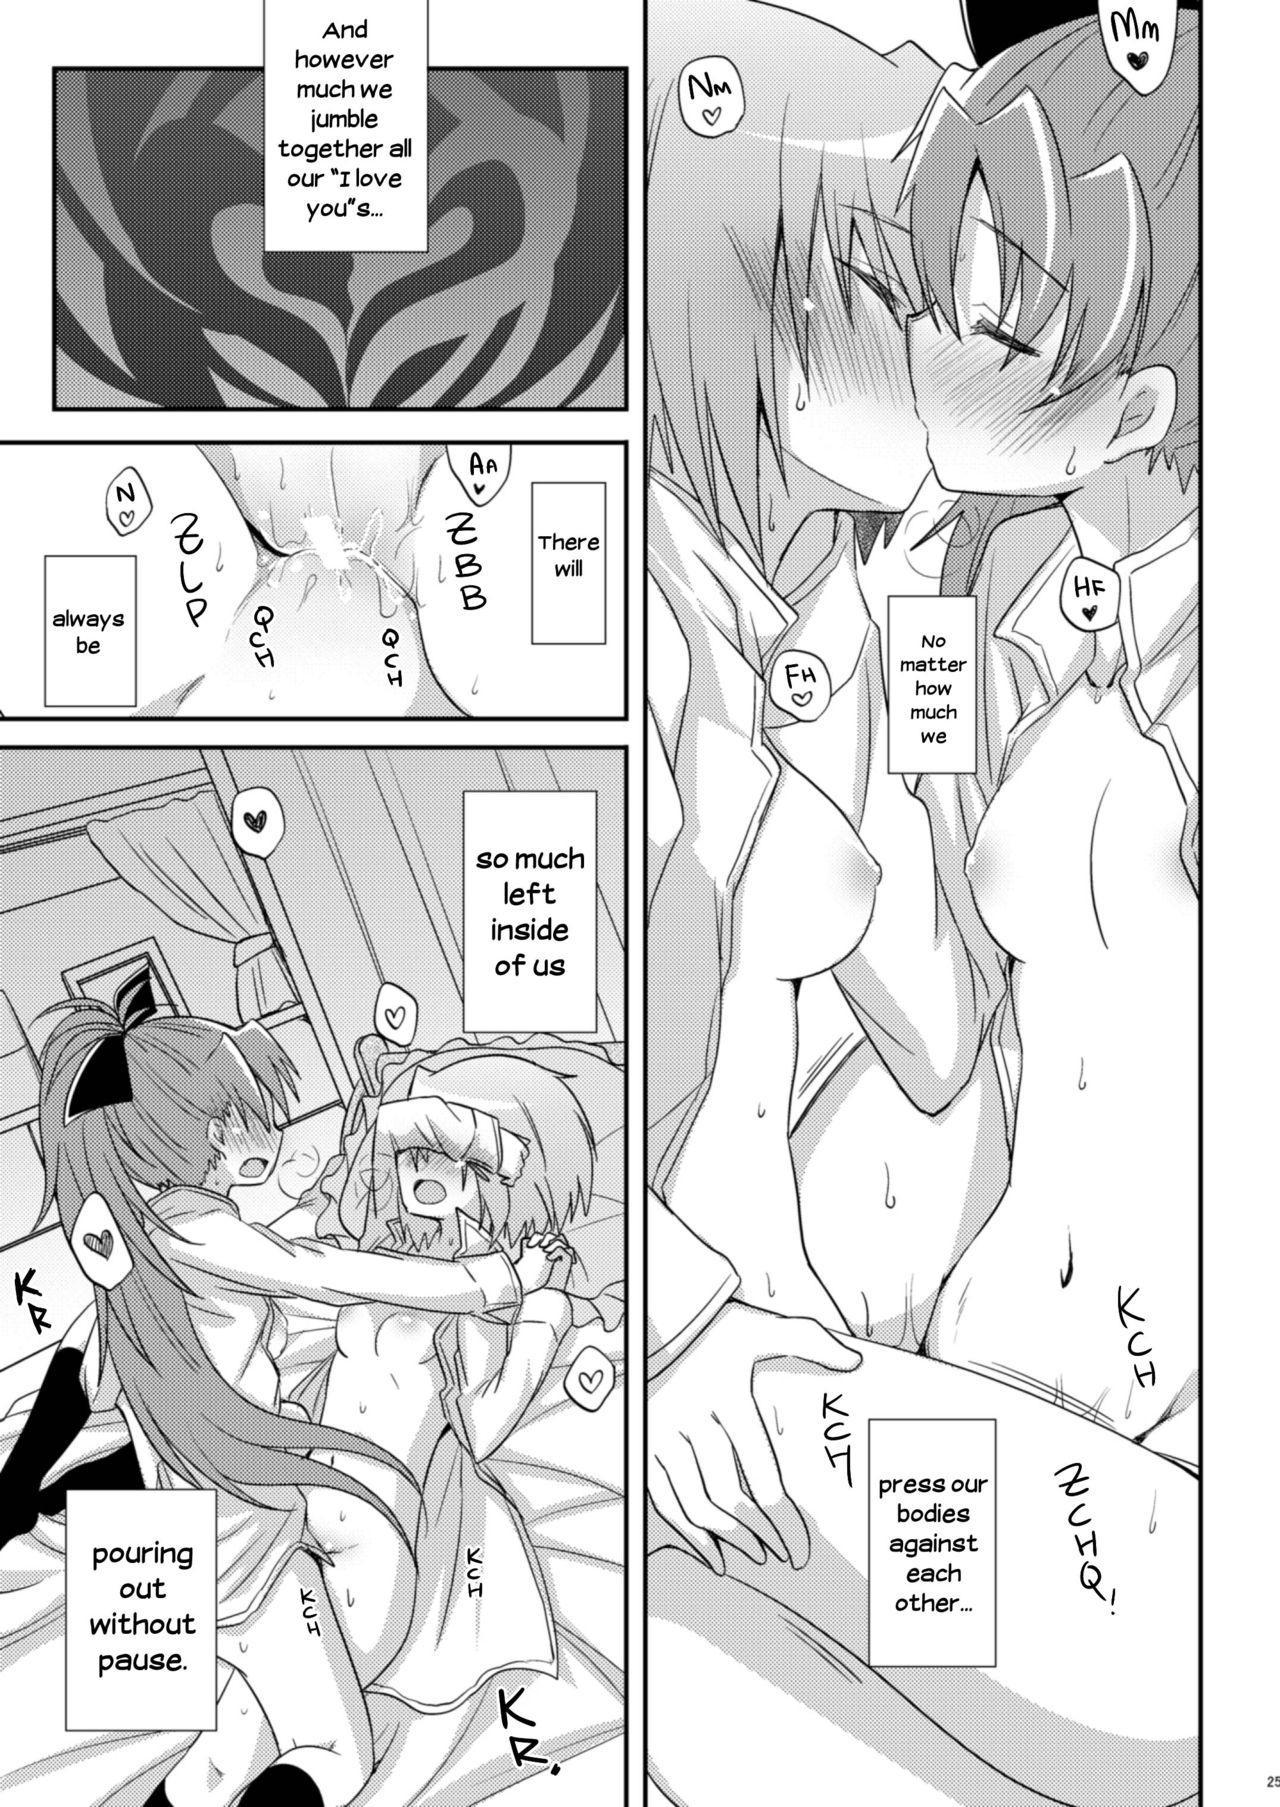 Atashi shika Shiranai   Only I Know 24